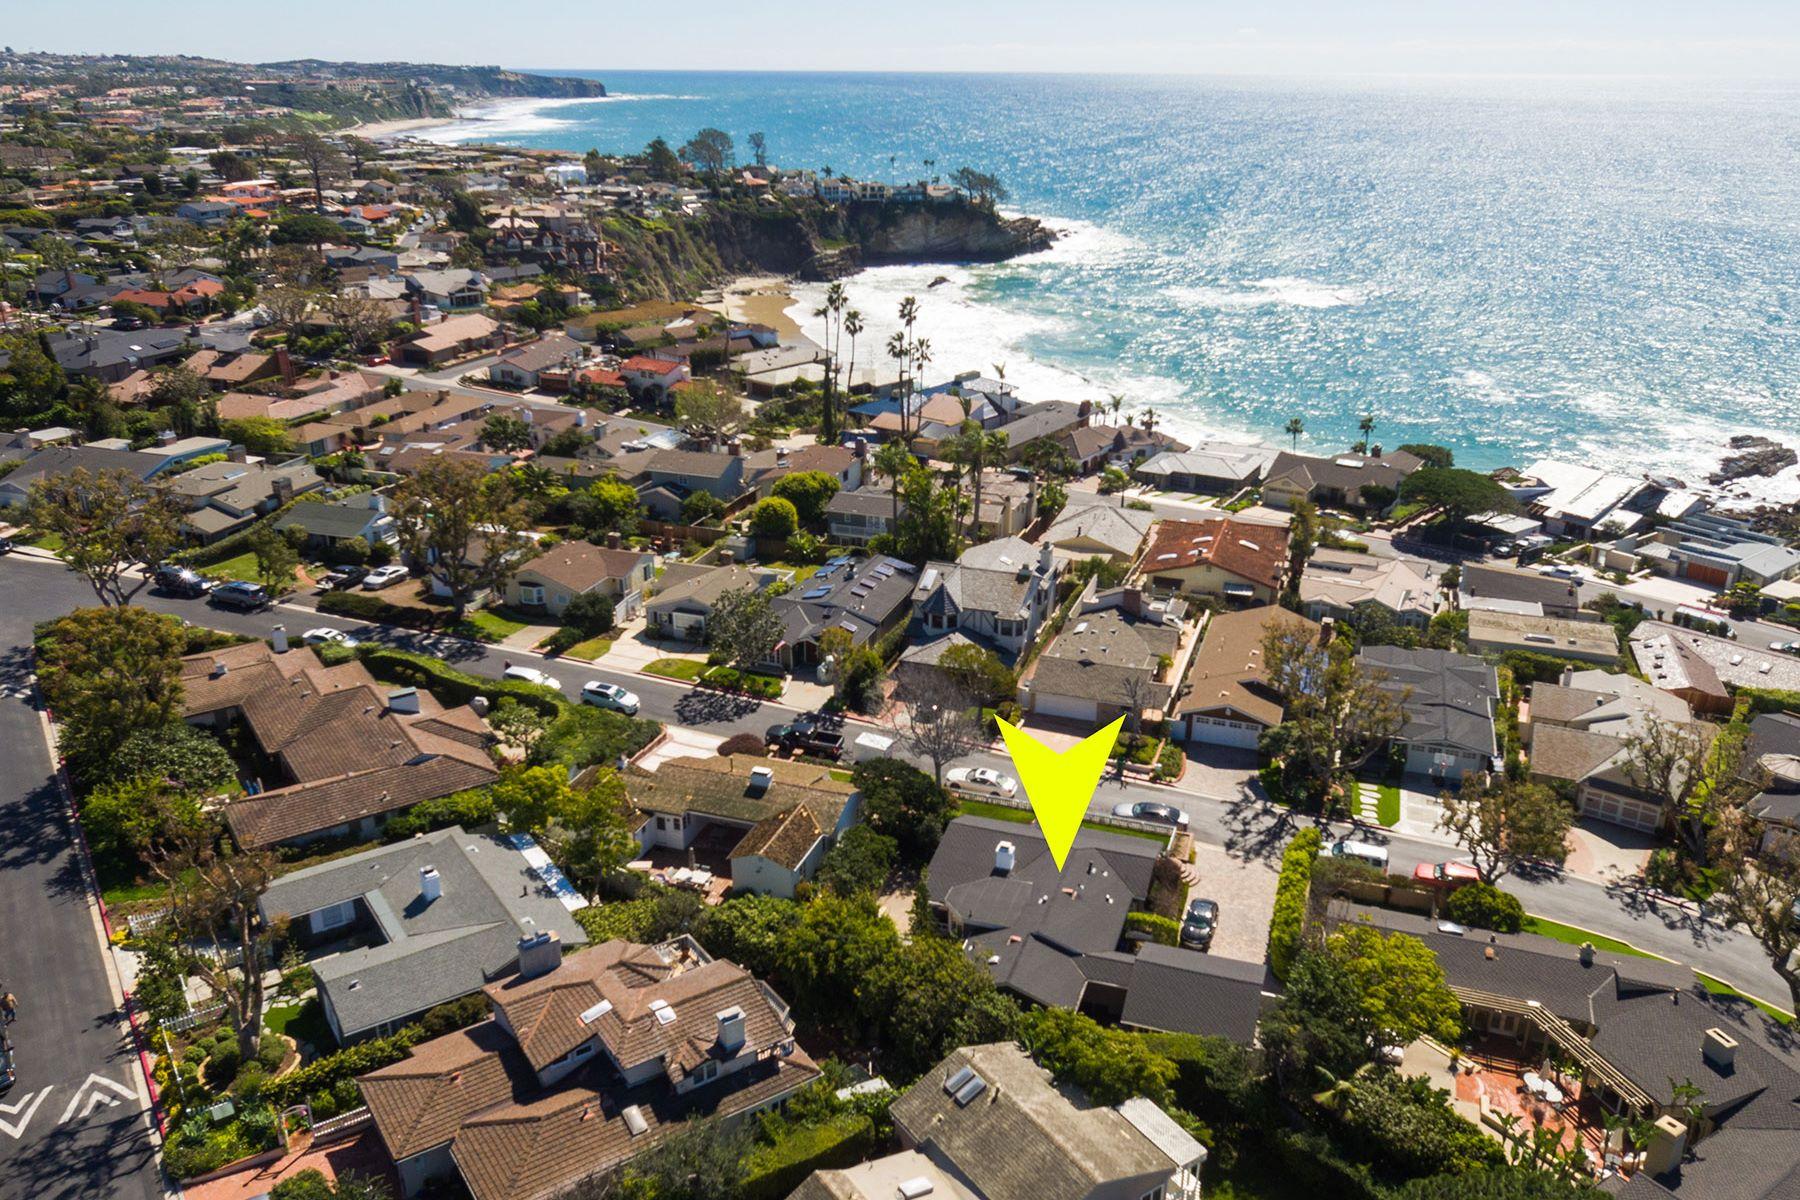 Частный односемейный дом для того Продажа на 3 S. Portola 3 S. La Senda Laguna Beach, Калифорния, 92651 Соединенные Штаты